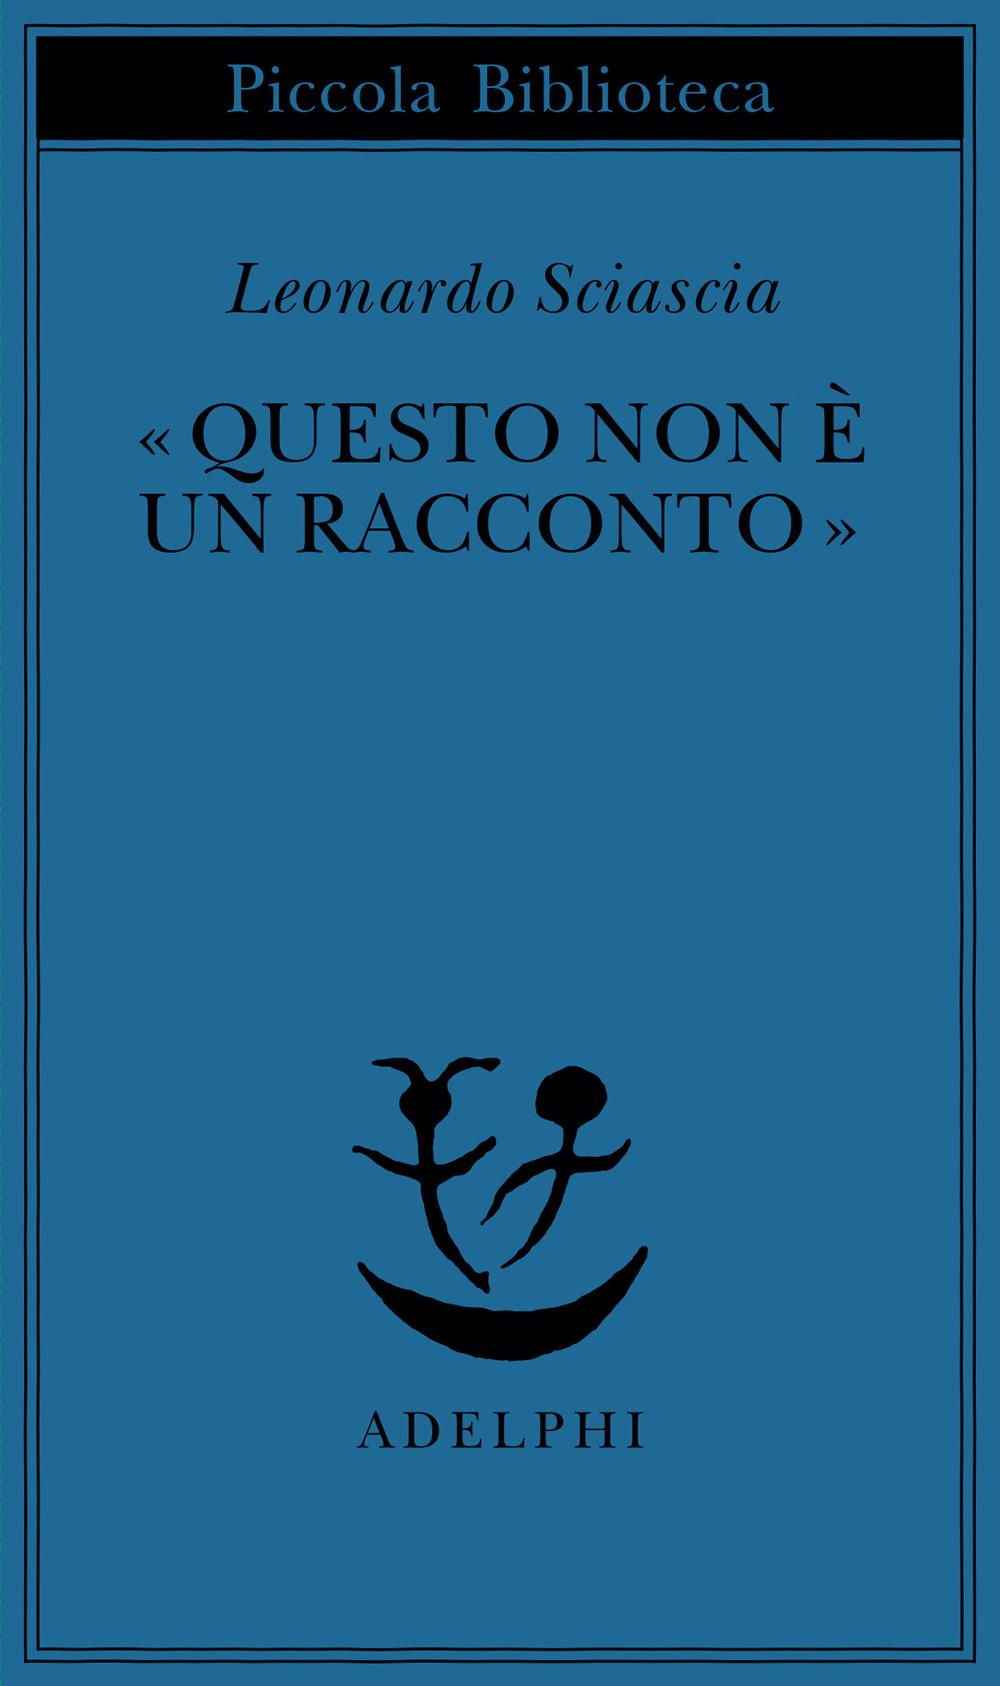 Leonardo Sciascia, Questo non è un racconto, Adelphi